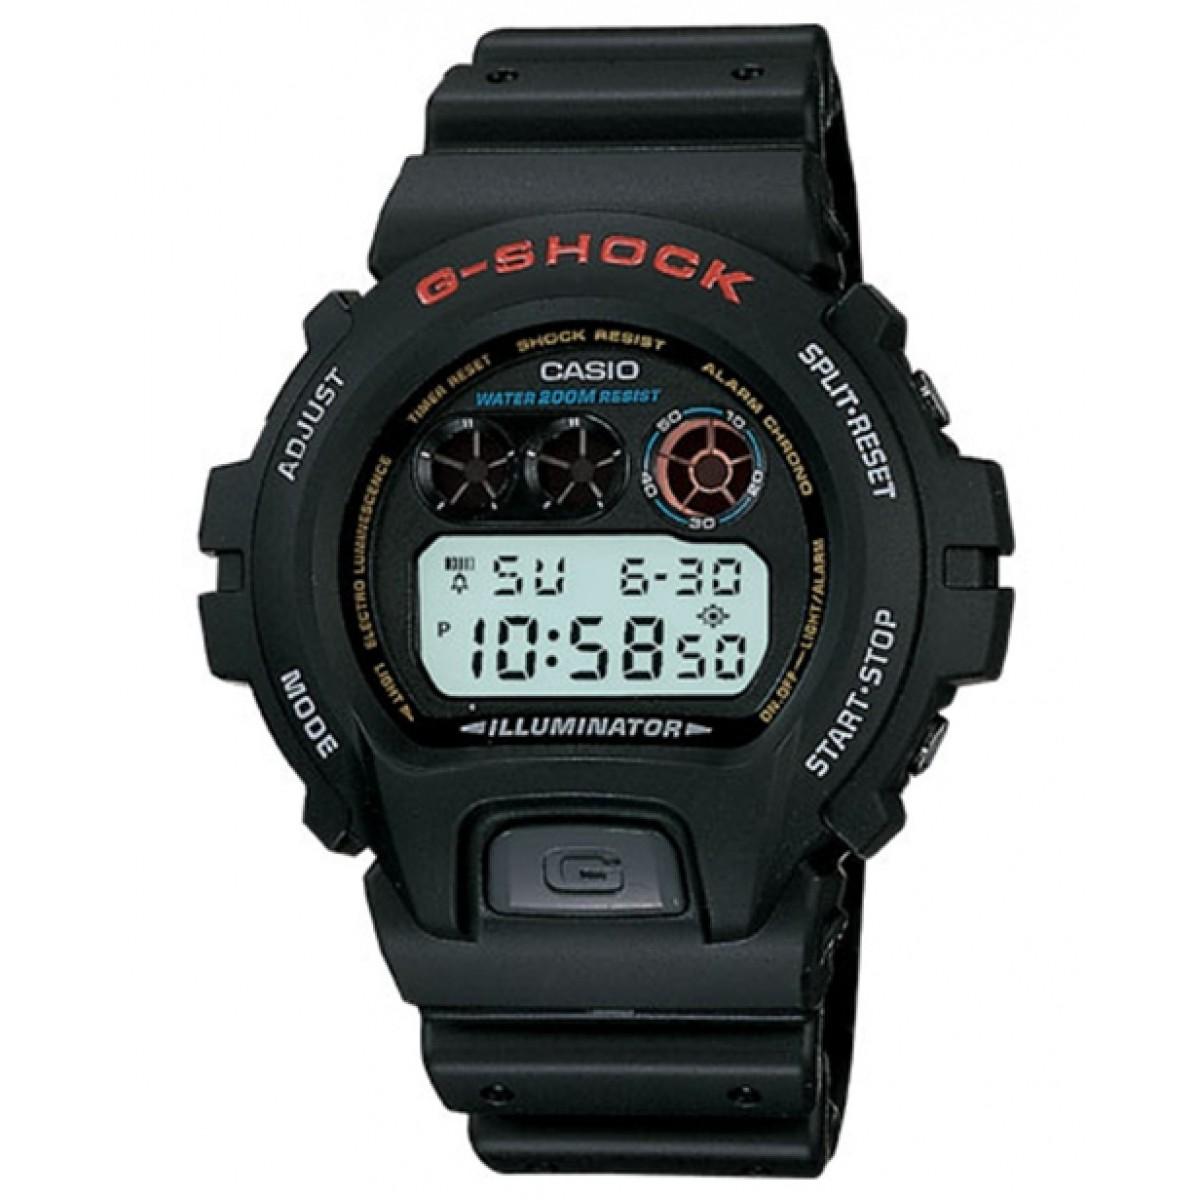 Relógio Casio Masculino - G-SHOCK DW-6900-1VDR